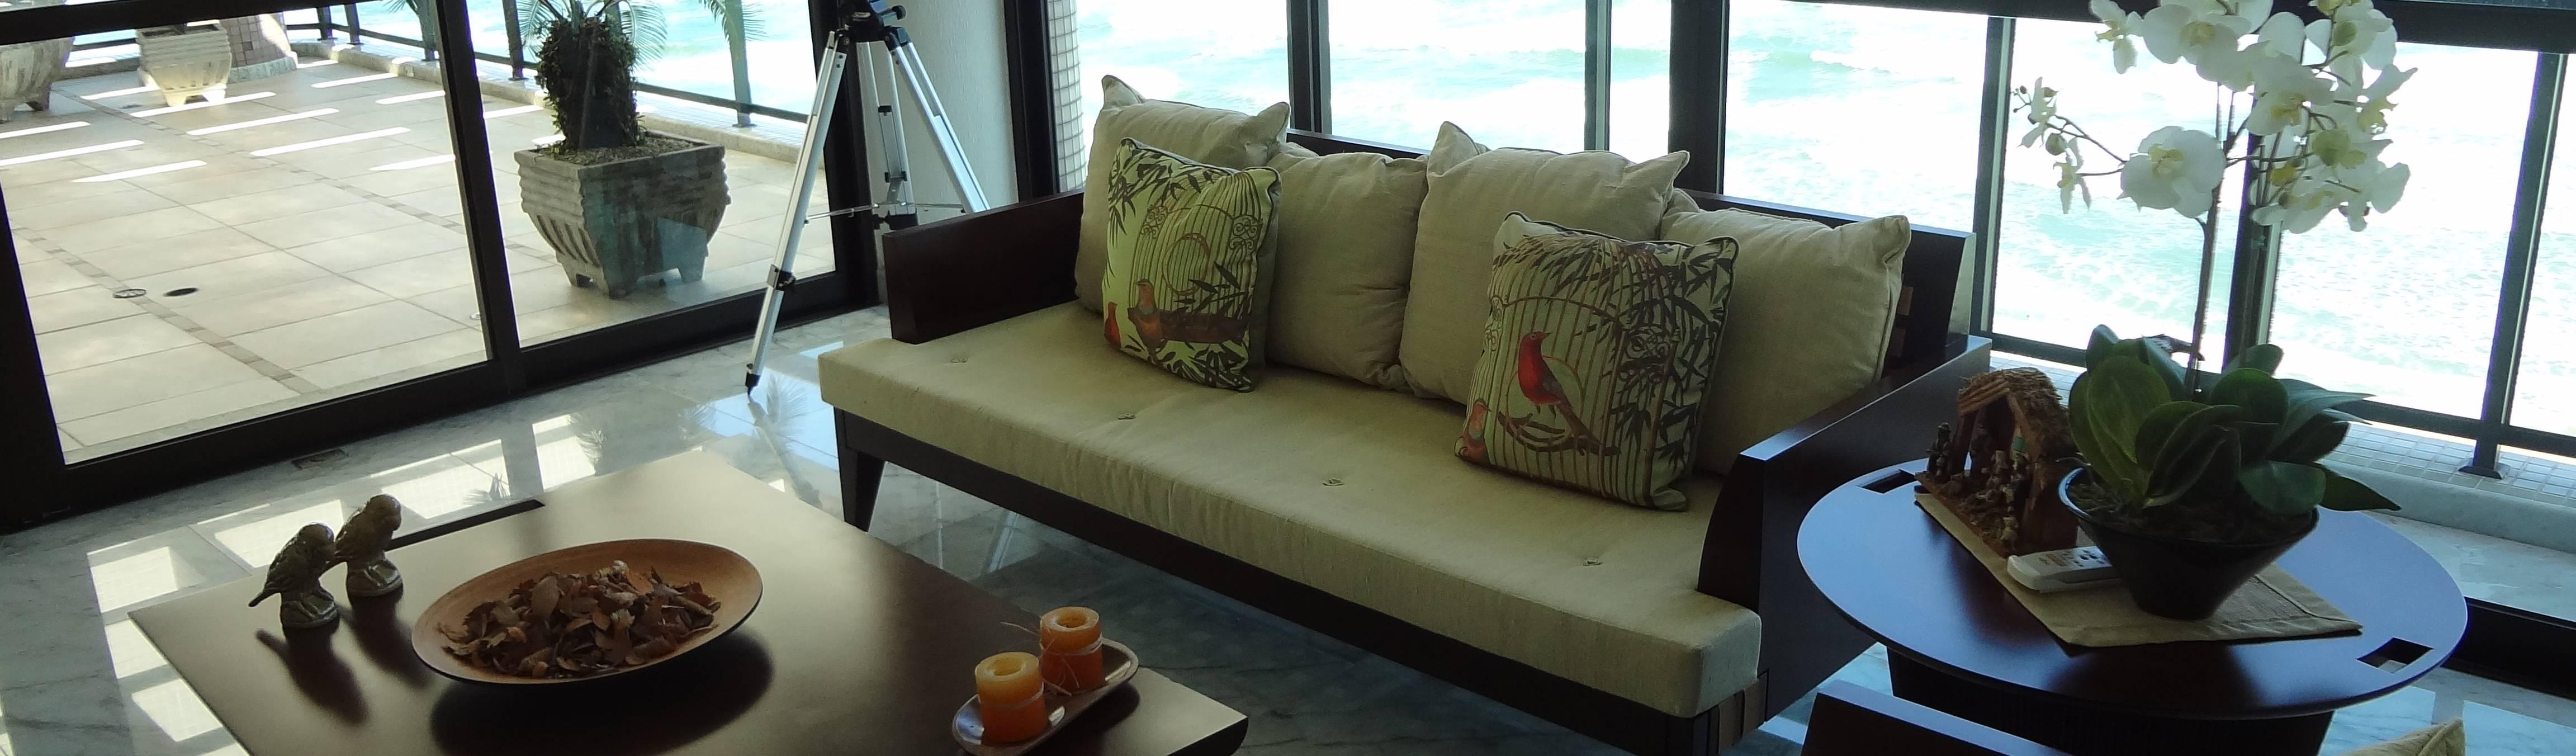 By ca decoradores y dise adores de interiores en itatiba - Disenadores de interiores espanoles ...